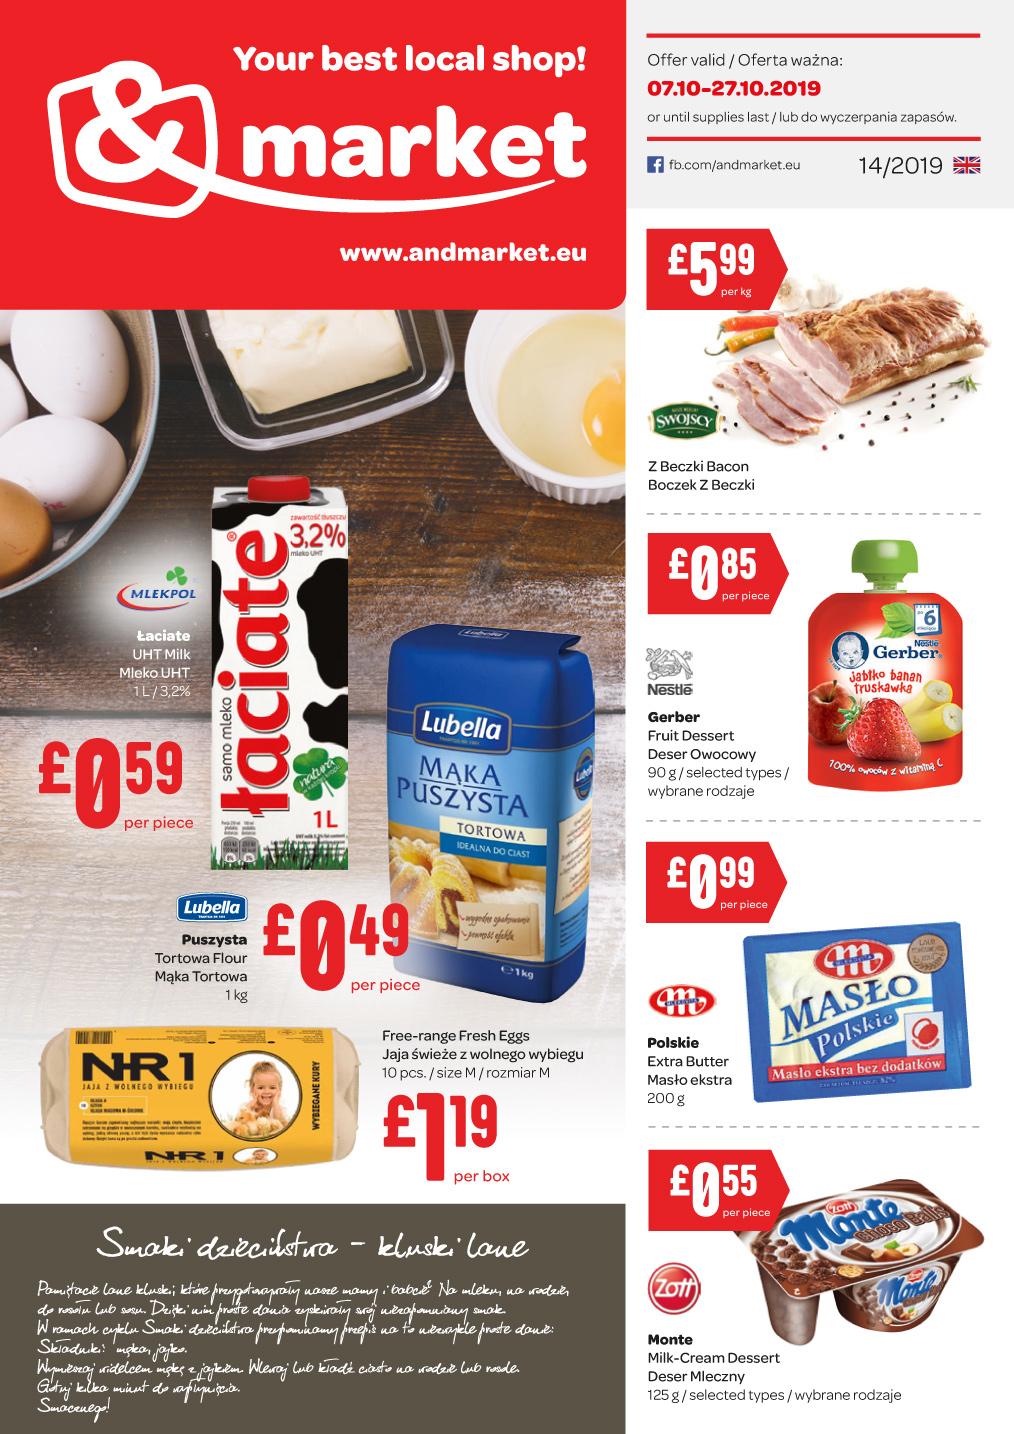 &market - Your best local shop!